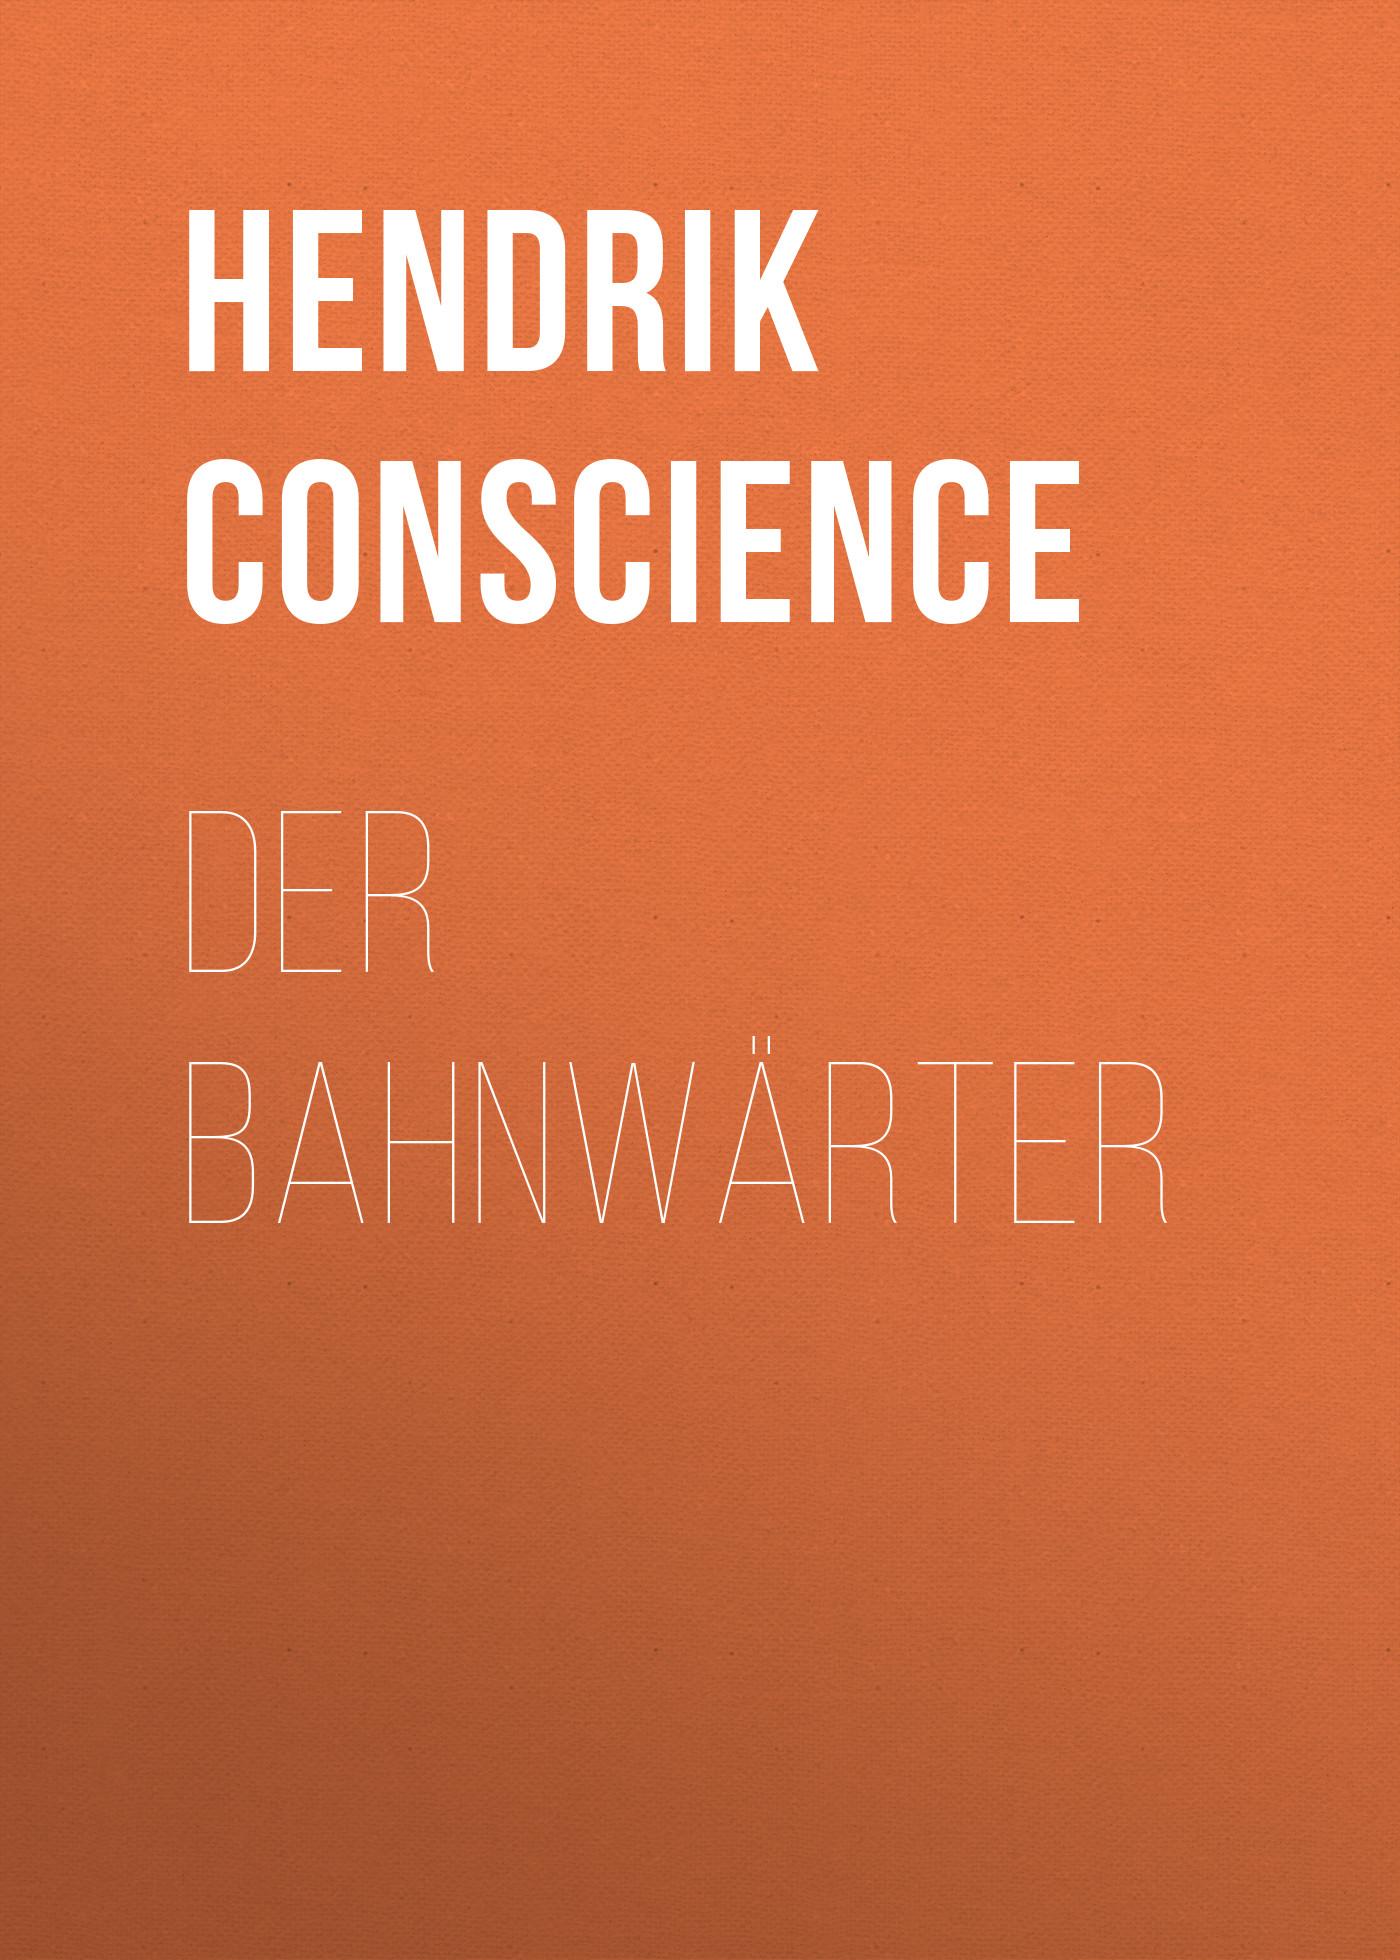 Hendrik Conscience Der Bahnwärter ilves toomas hendrik suurem eesti